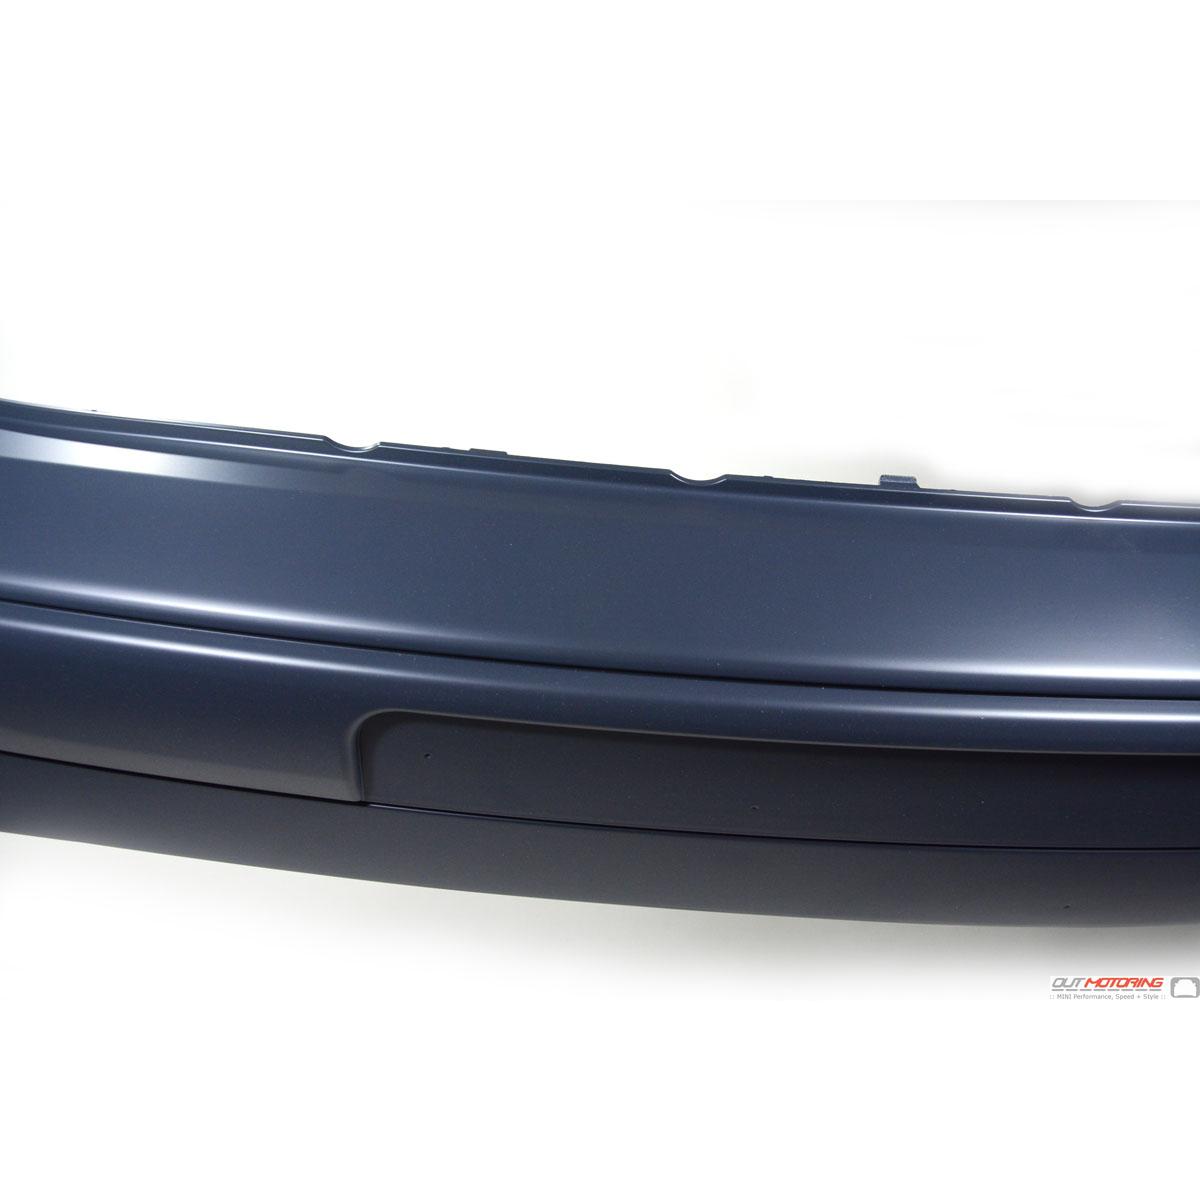 MINI Cooper 2006 GP Special Edition Body Kit Front Bumper